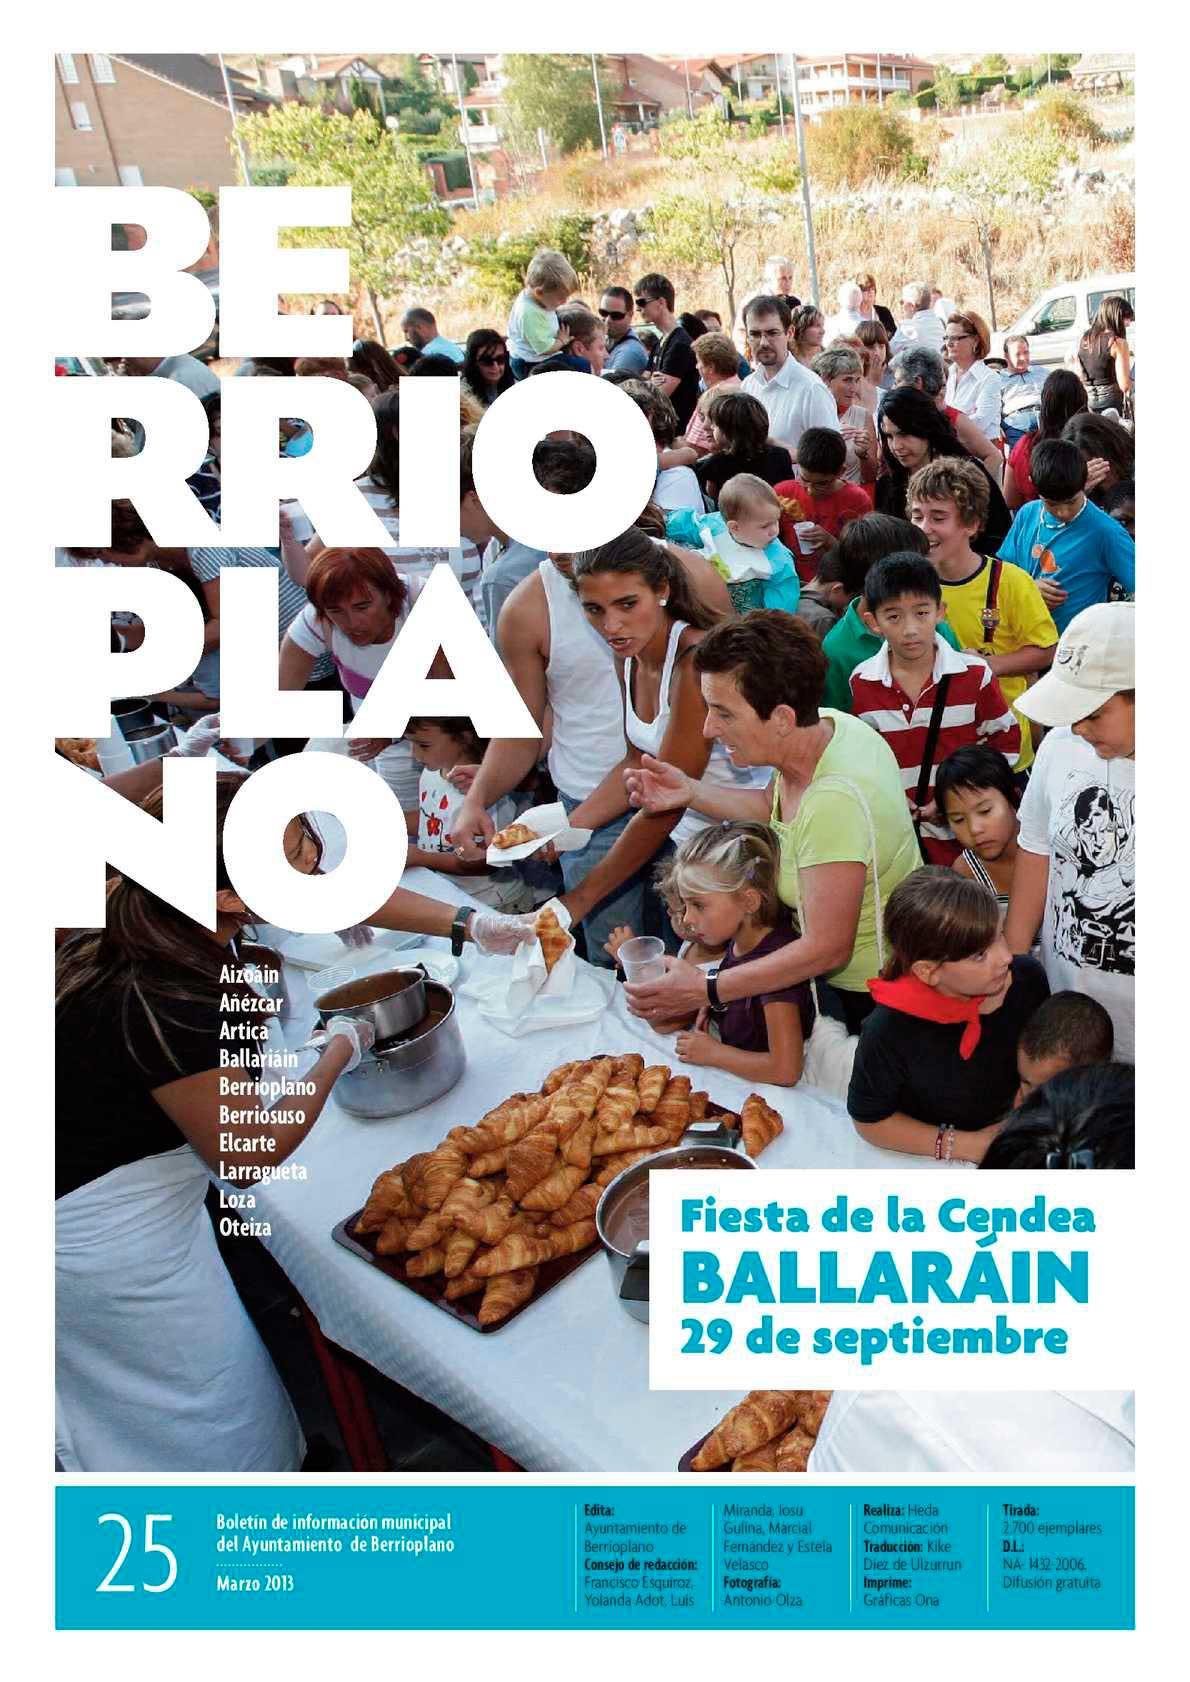 Boletín de información Municipal del Ayuntamiento de Berrioplano